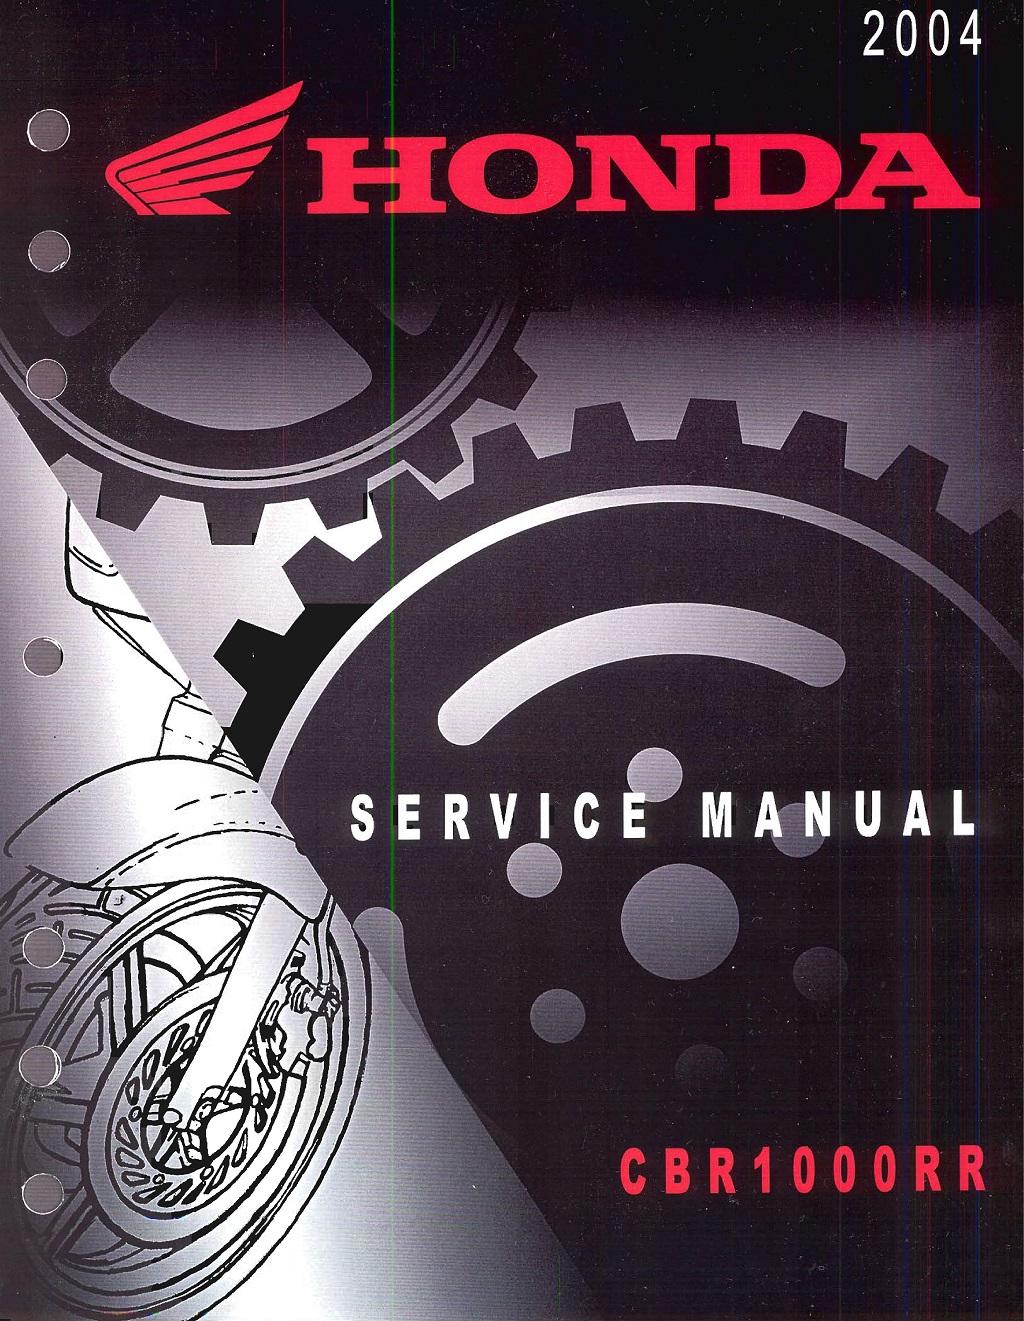 Workshop Manual for Honda CBR1000RR (2004)